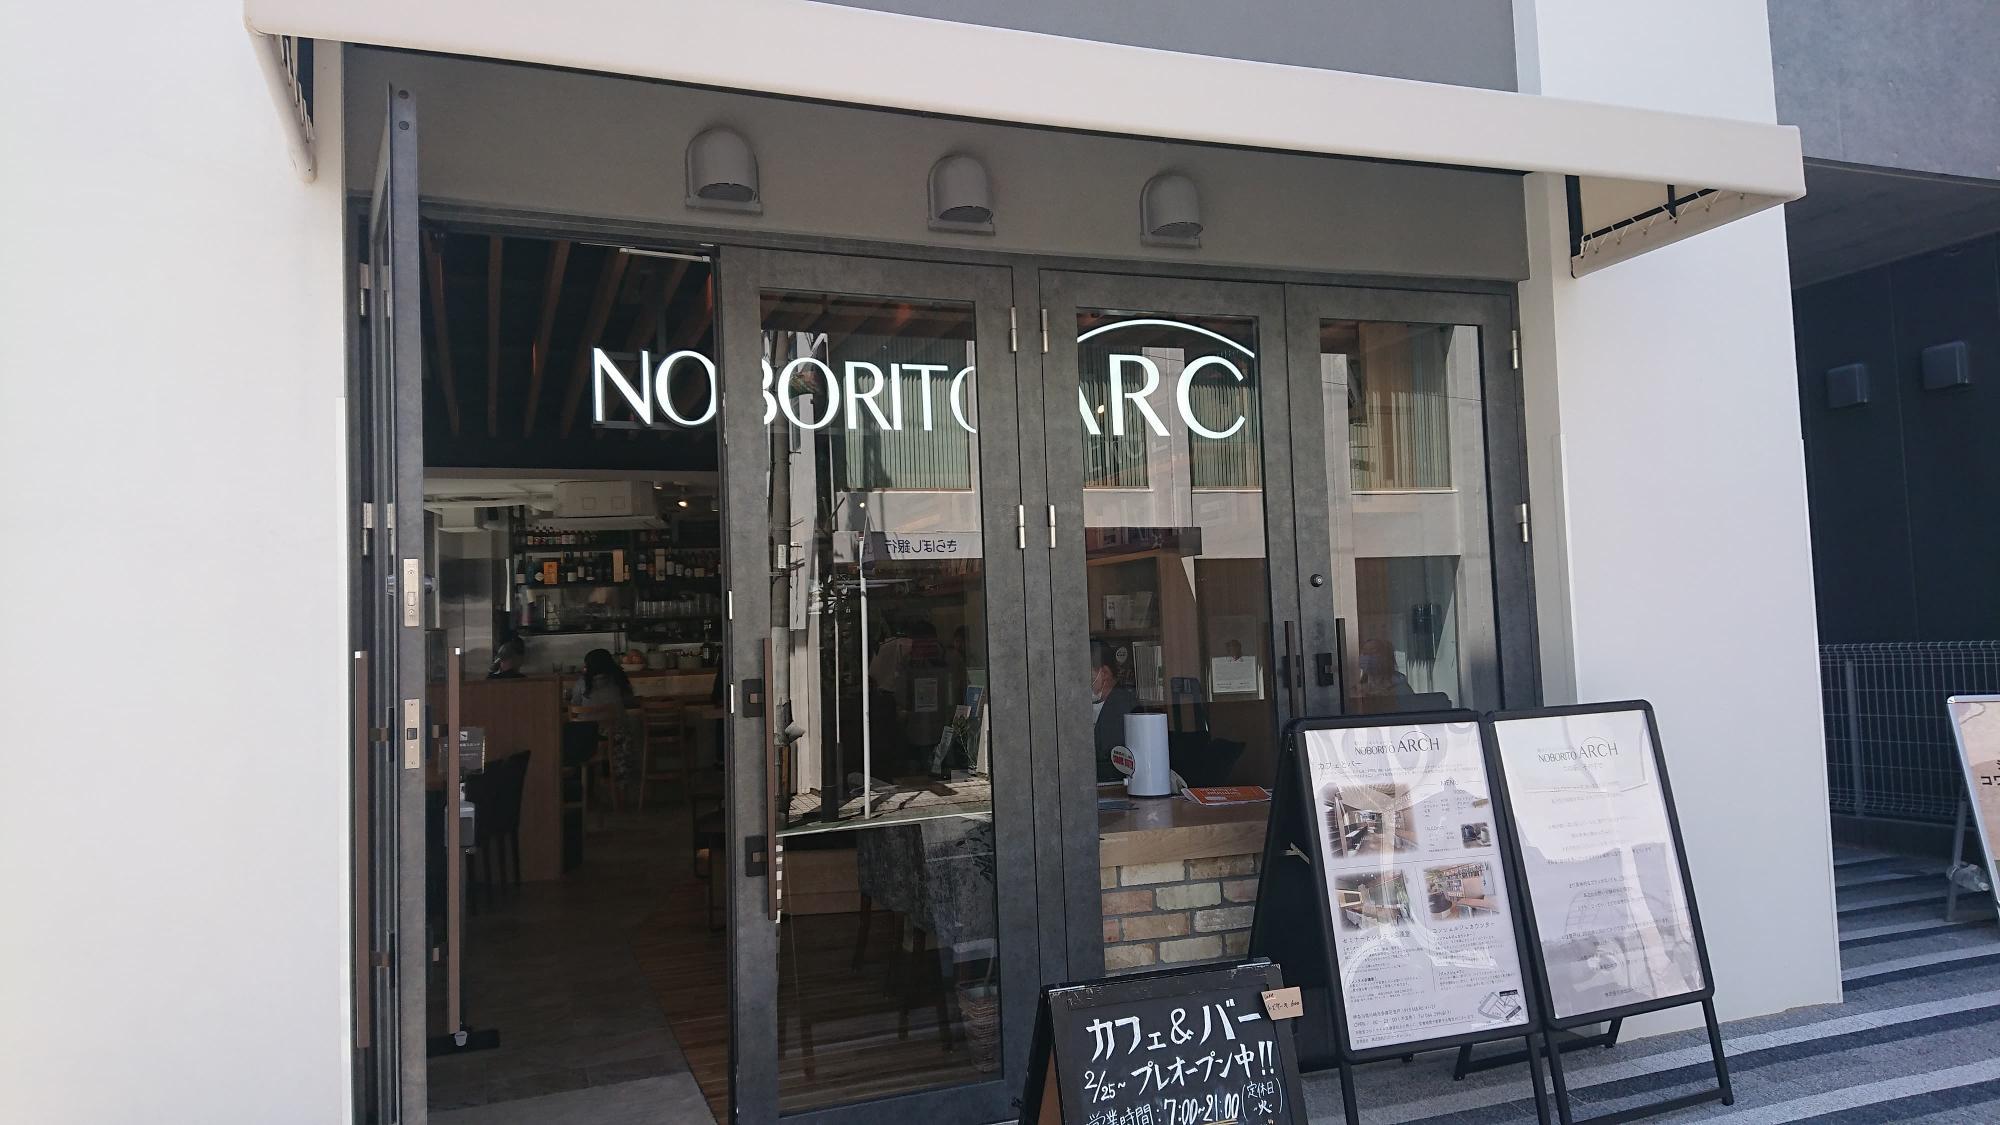 2/25にできたばかりの【noborito ARCH】